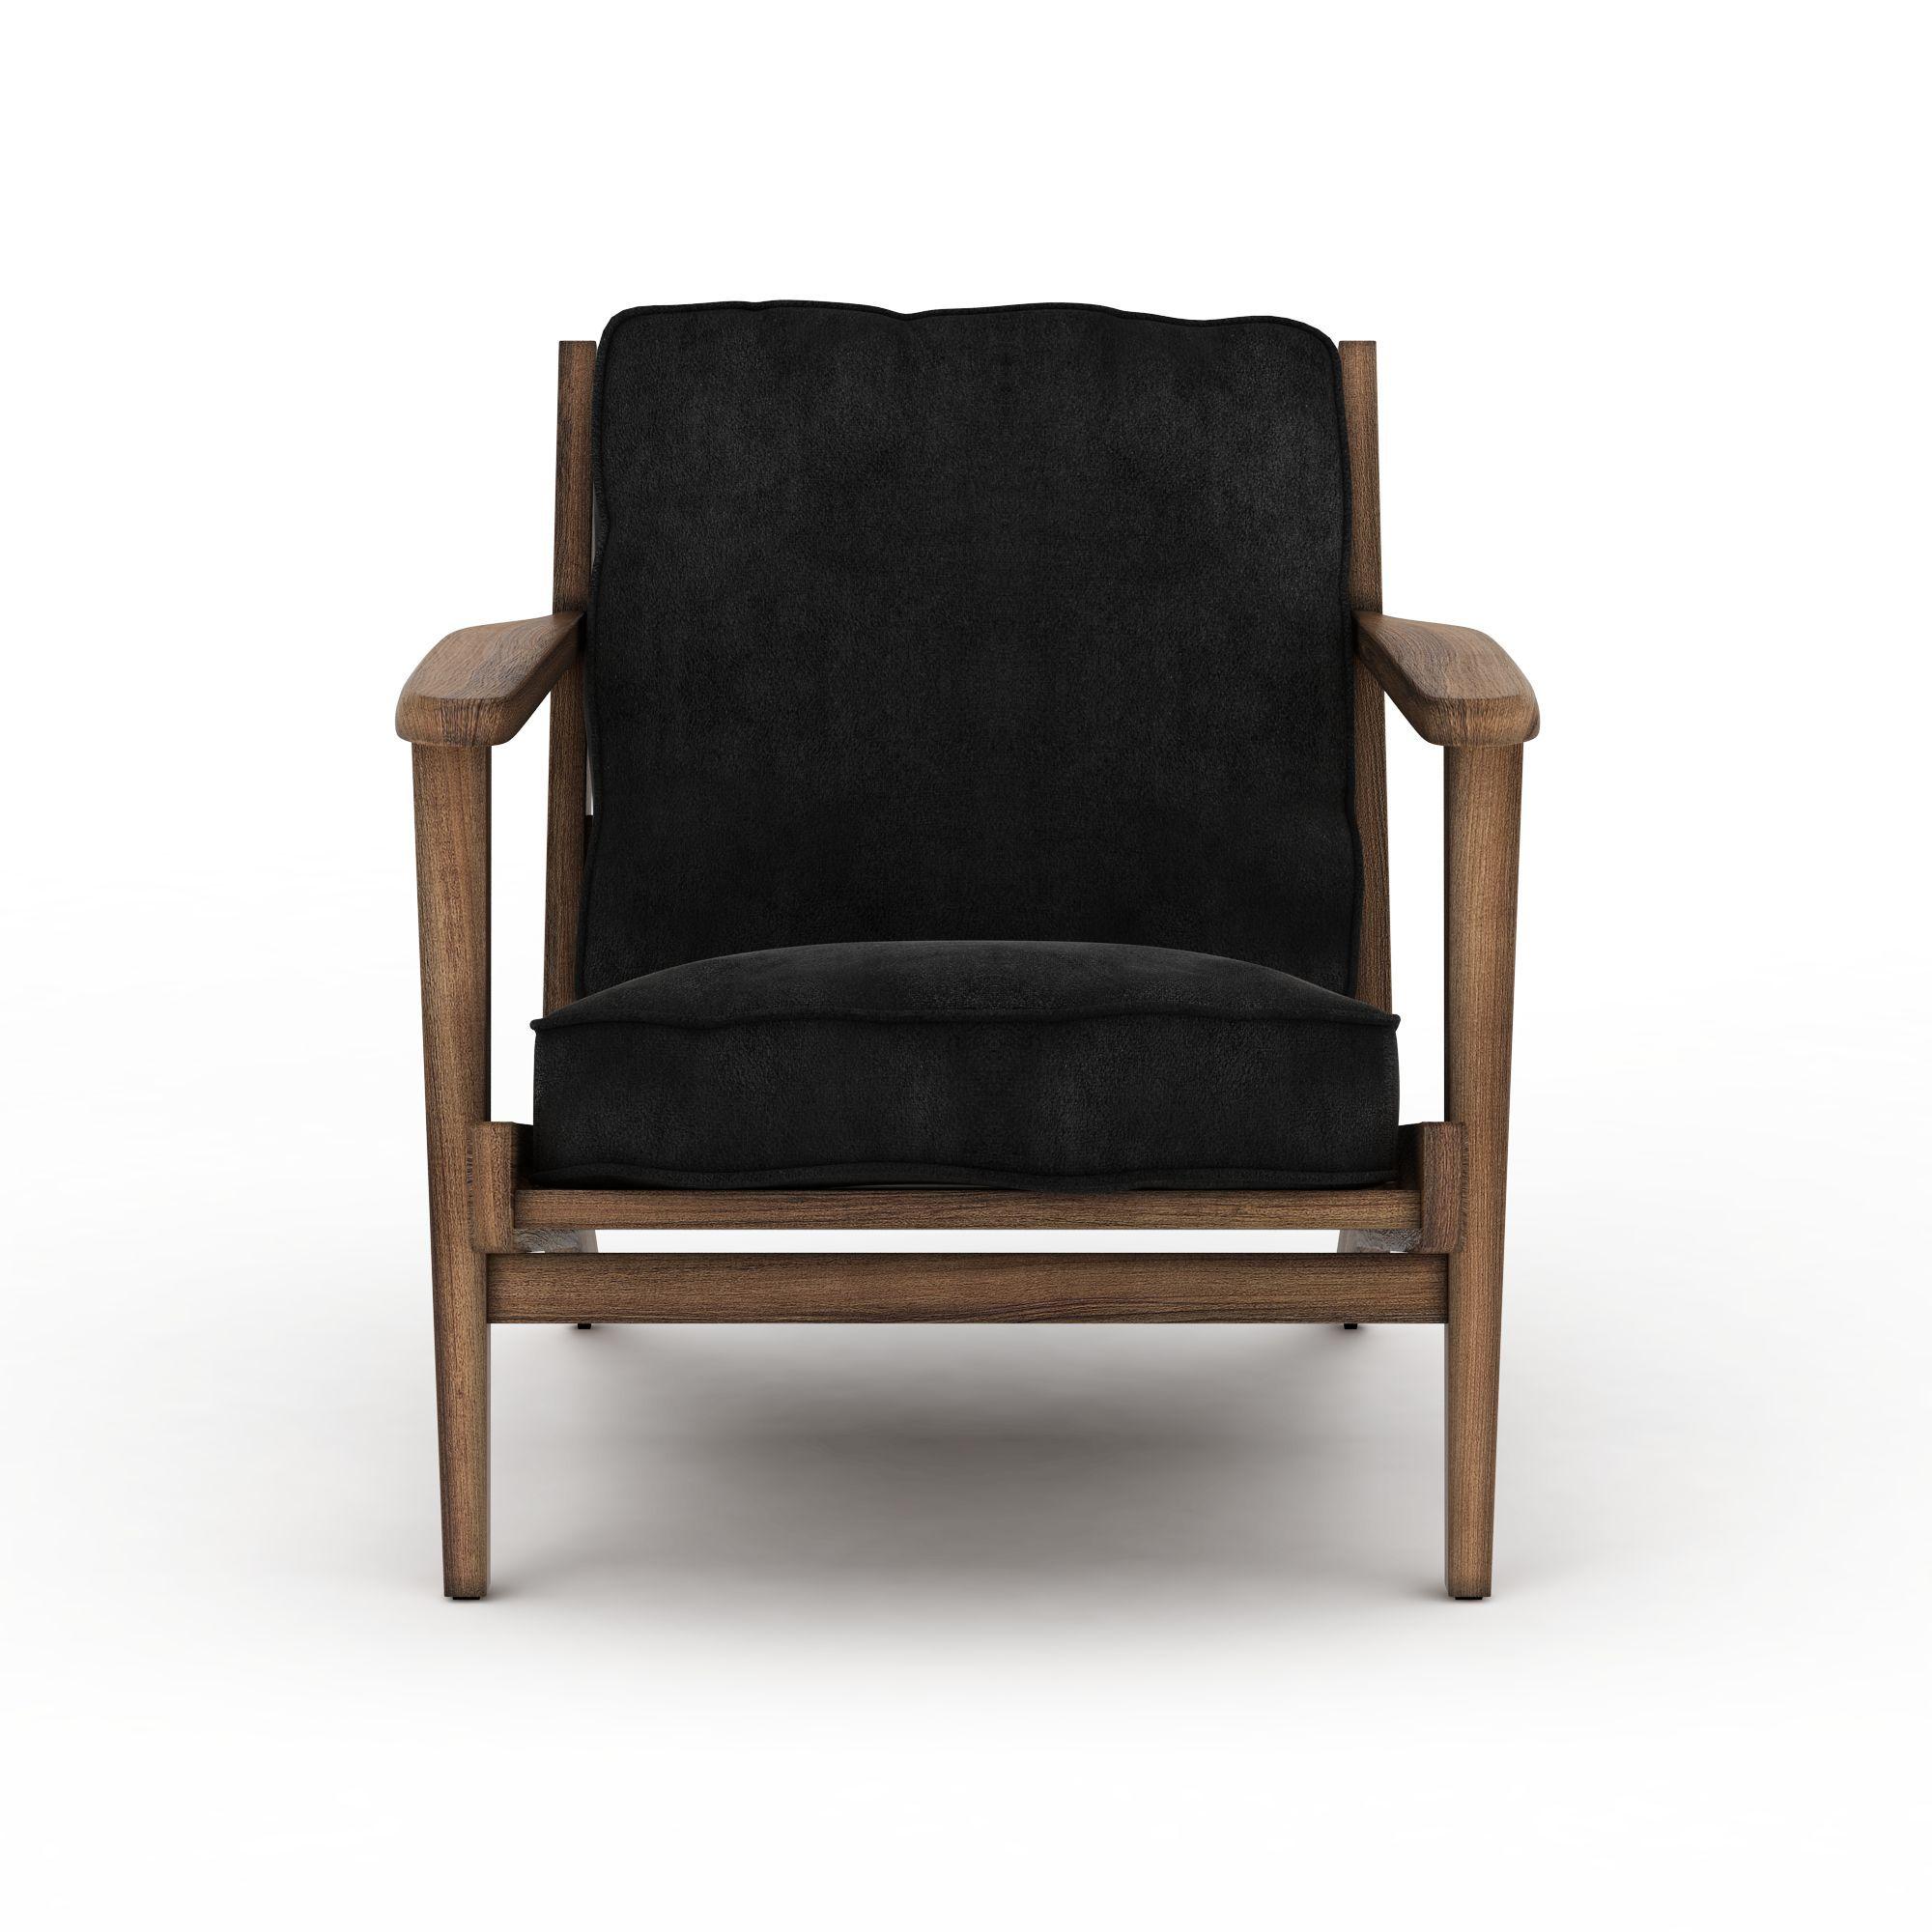 休闲椅子高清图下载